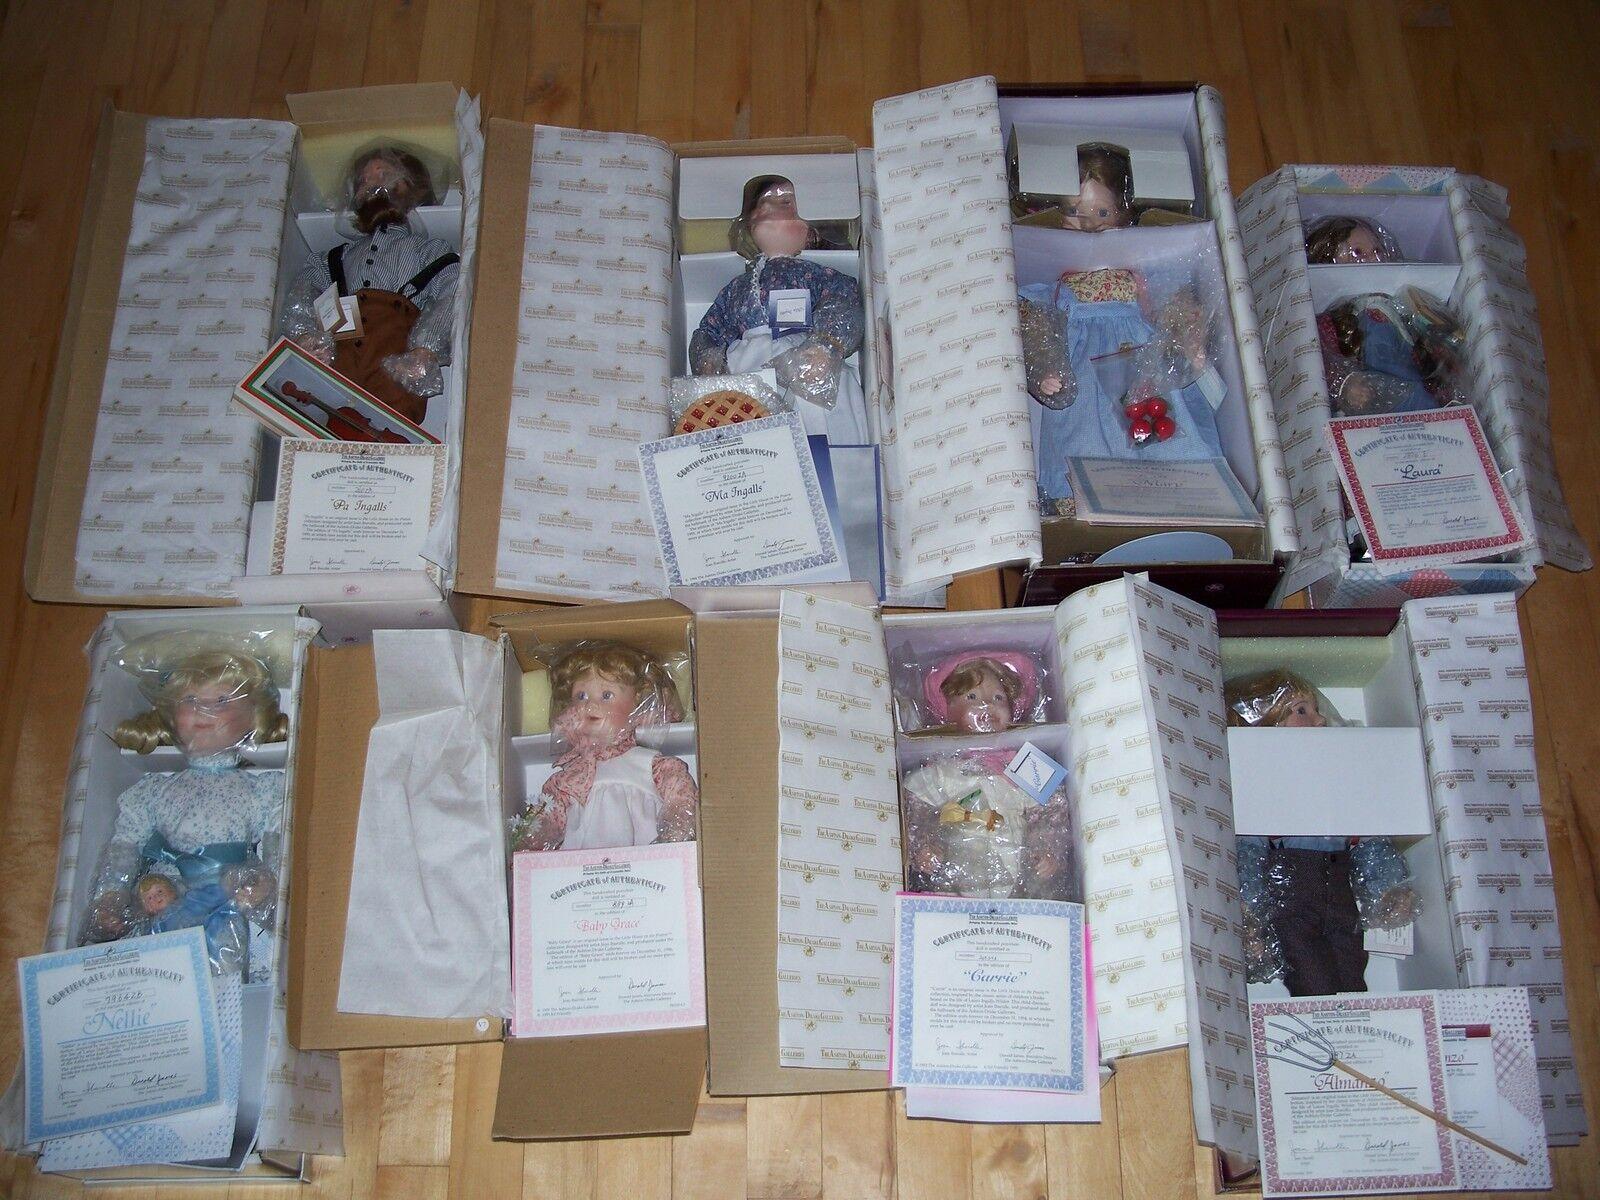 Juego Completo De 8 Muñecas Little Casa de la pradera Ashton Drake Menta en caja Muñeca + certificado De Autenticidad